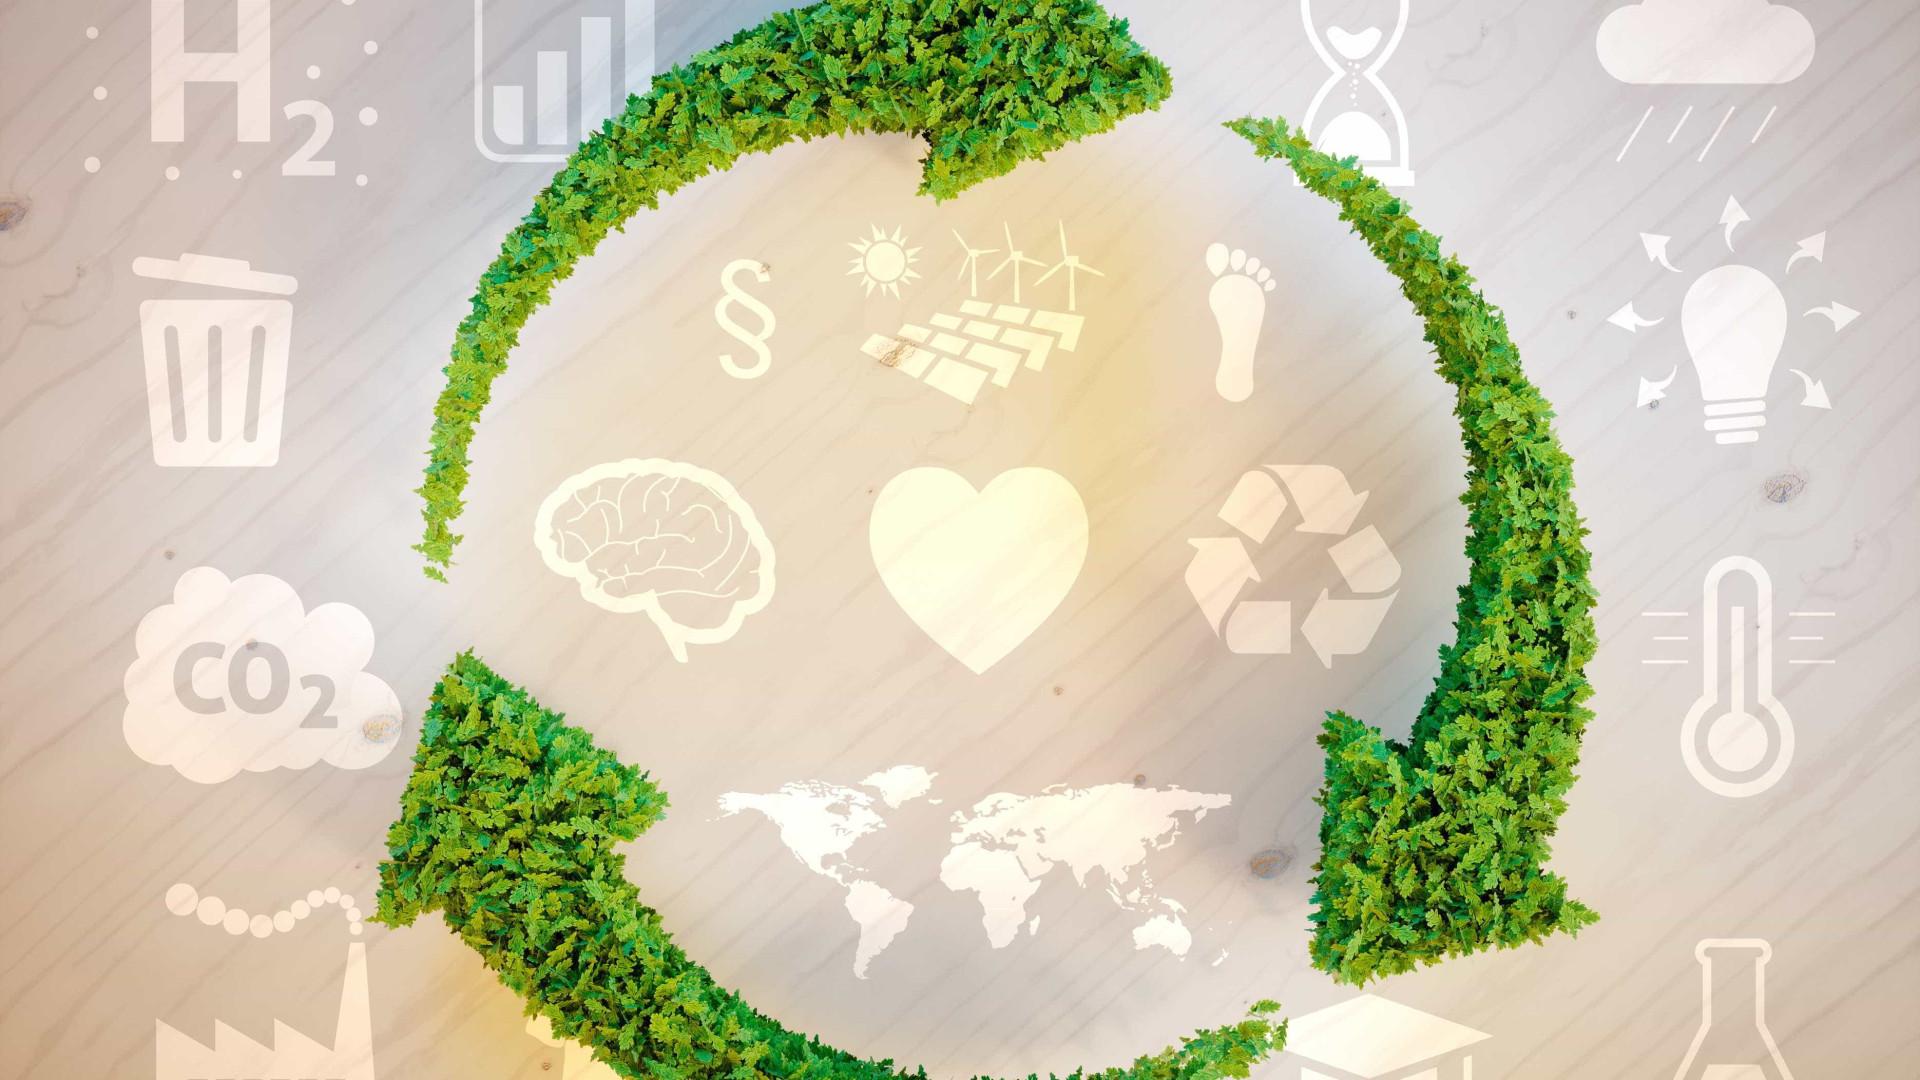 Consumo consciente ajuda preservação da natureza e gera empregos